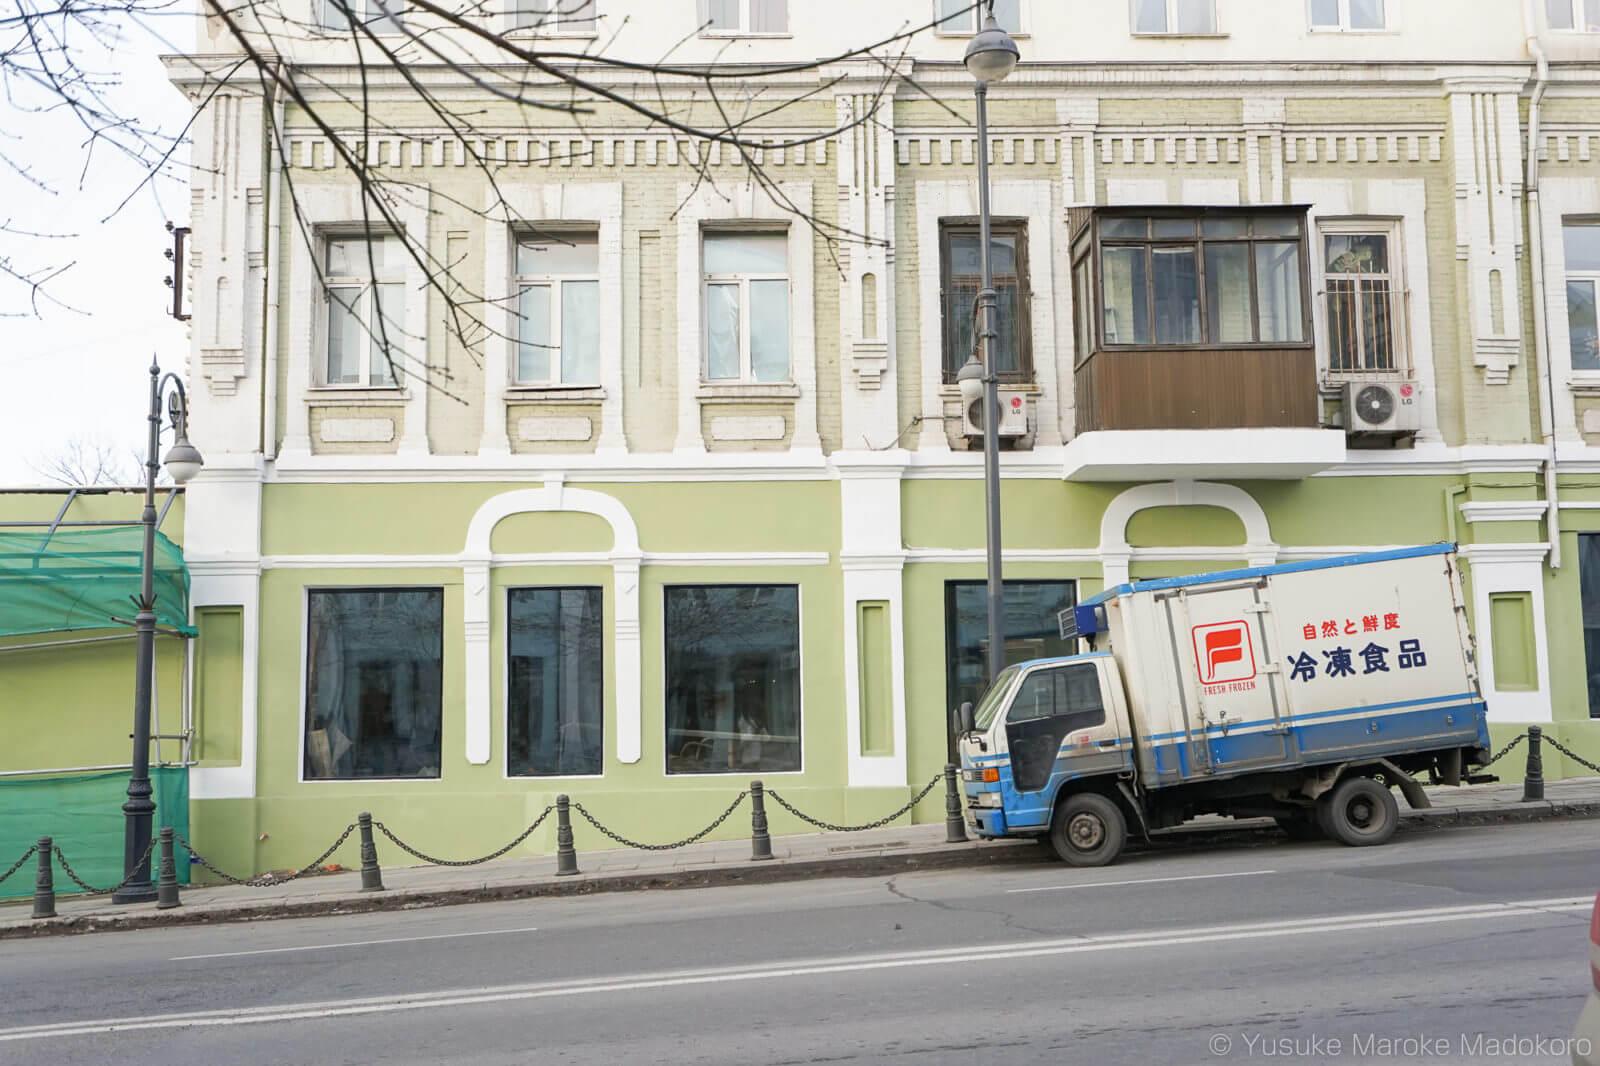 ウラジオストクの街並みと日本の中古トラック